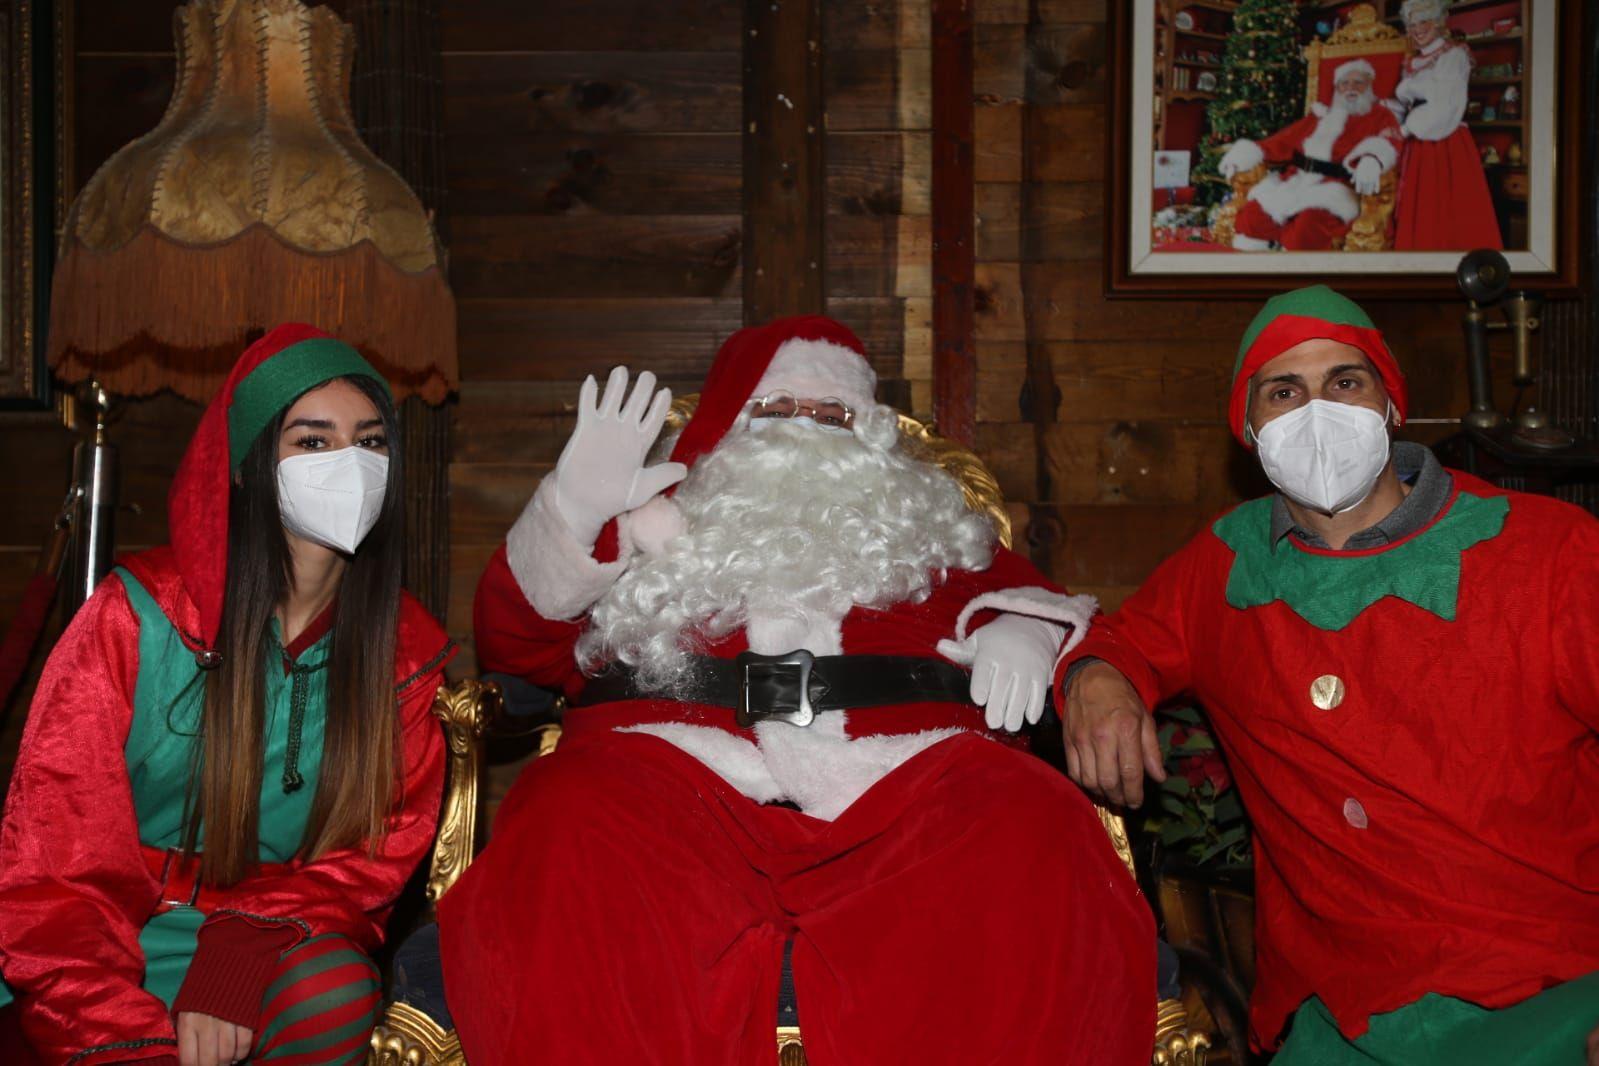 Navidad en Alicante 2020: Así es la casa de Papa Noel en el edificio Séneca